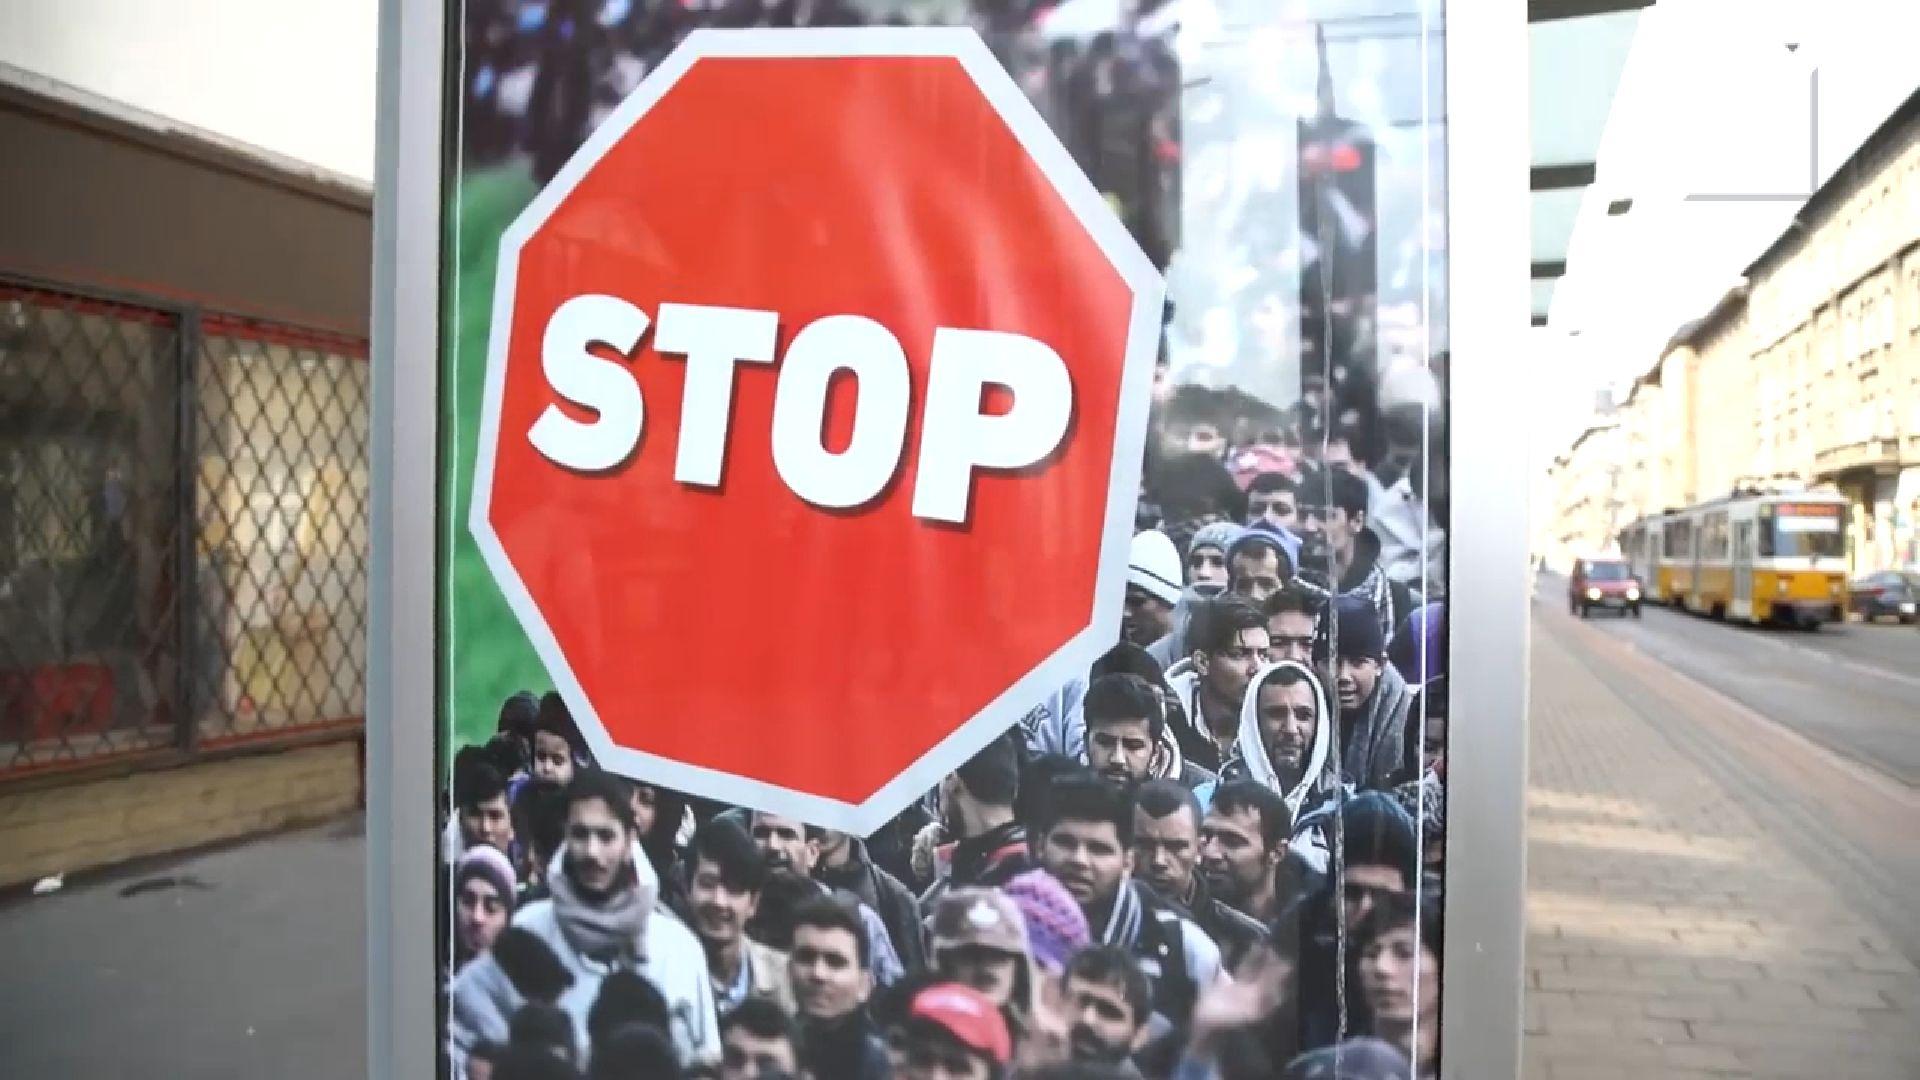 A külügyminisztérium bekérette a spanyol nagykövetet, miután a spanyol külügyminiszter azt mondta, Magyarország xenofób, és itt nincsenek szétválasztva a hatalmi ágak